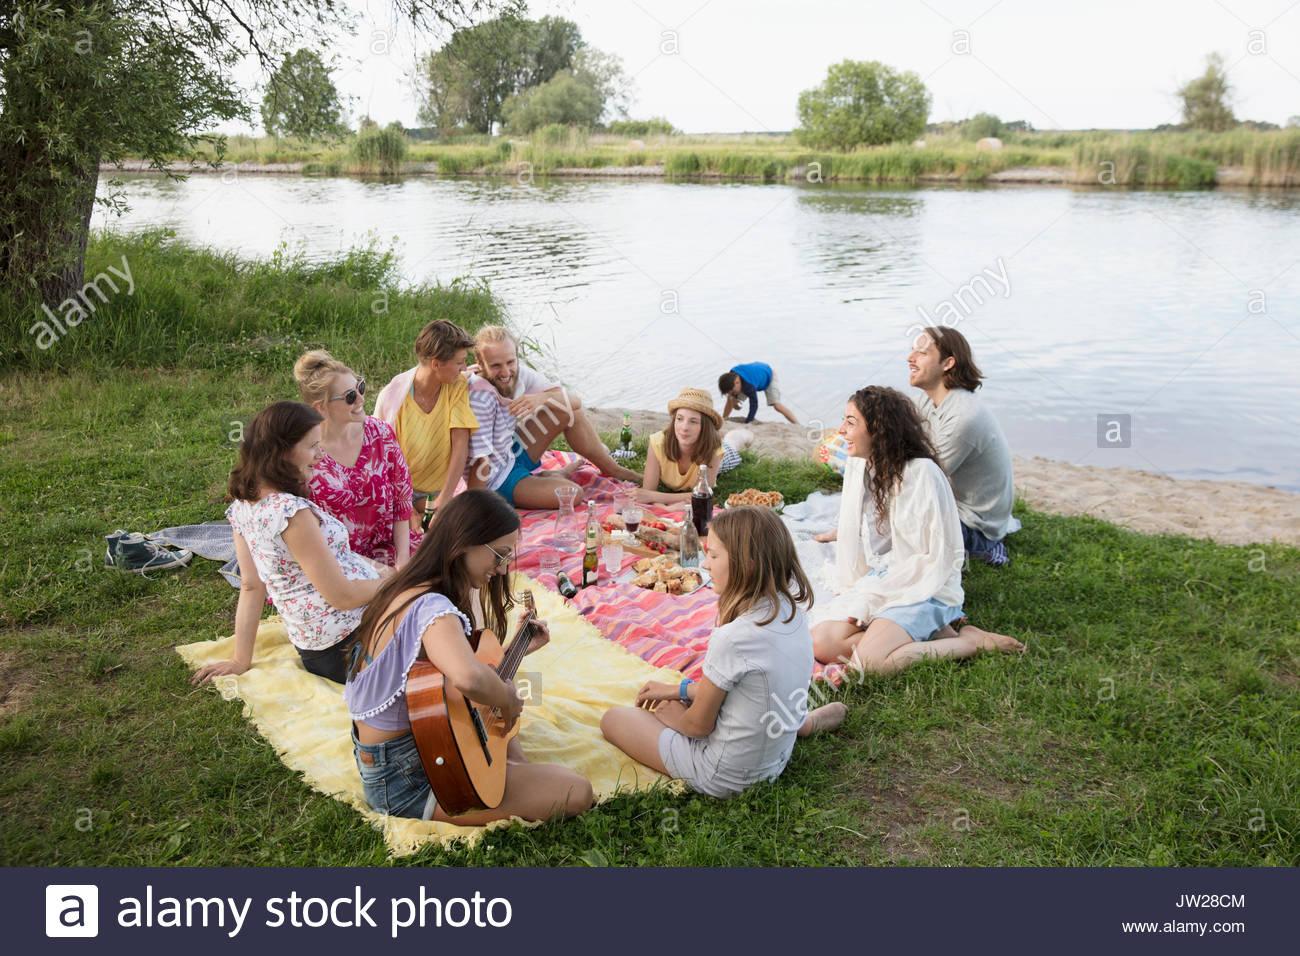 Freunde und Familie entspannen, genießen Sommer Picknick am See Stockbild